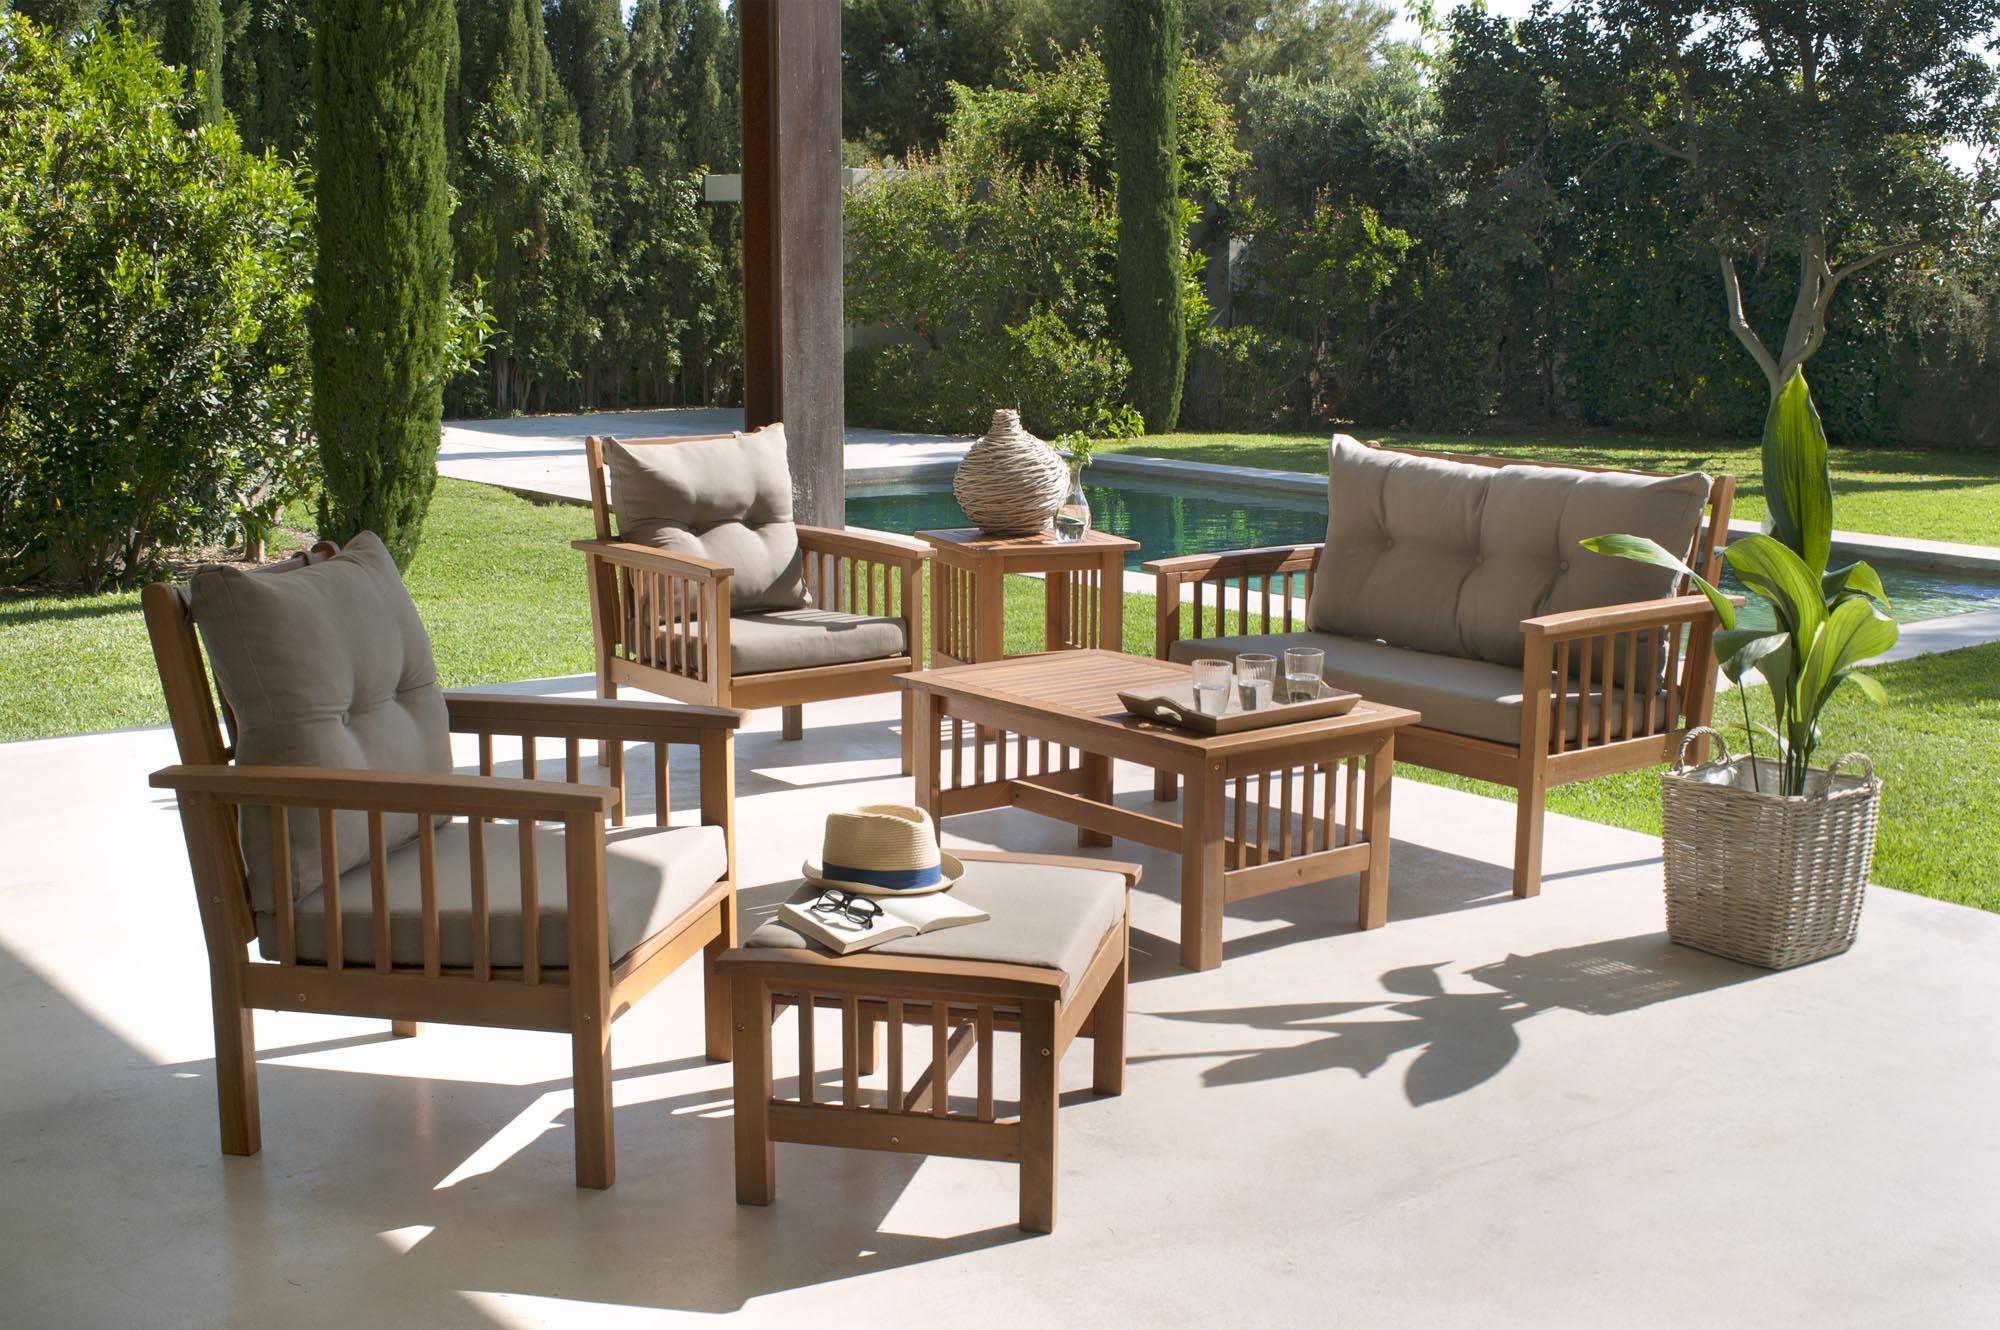 Salon Jardin Carrefour Des Idées - Idees Conception Jardin destiné Fauteuil De Jardin Carrefour